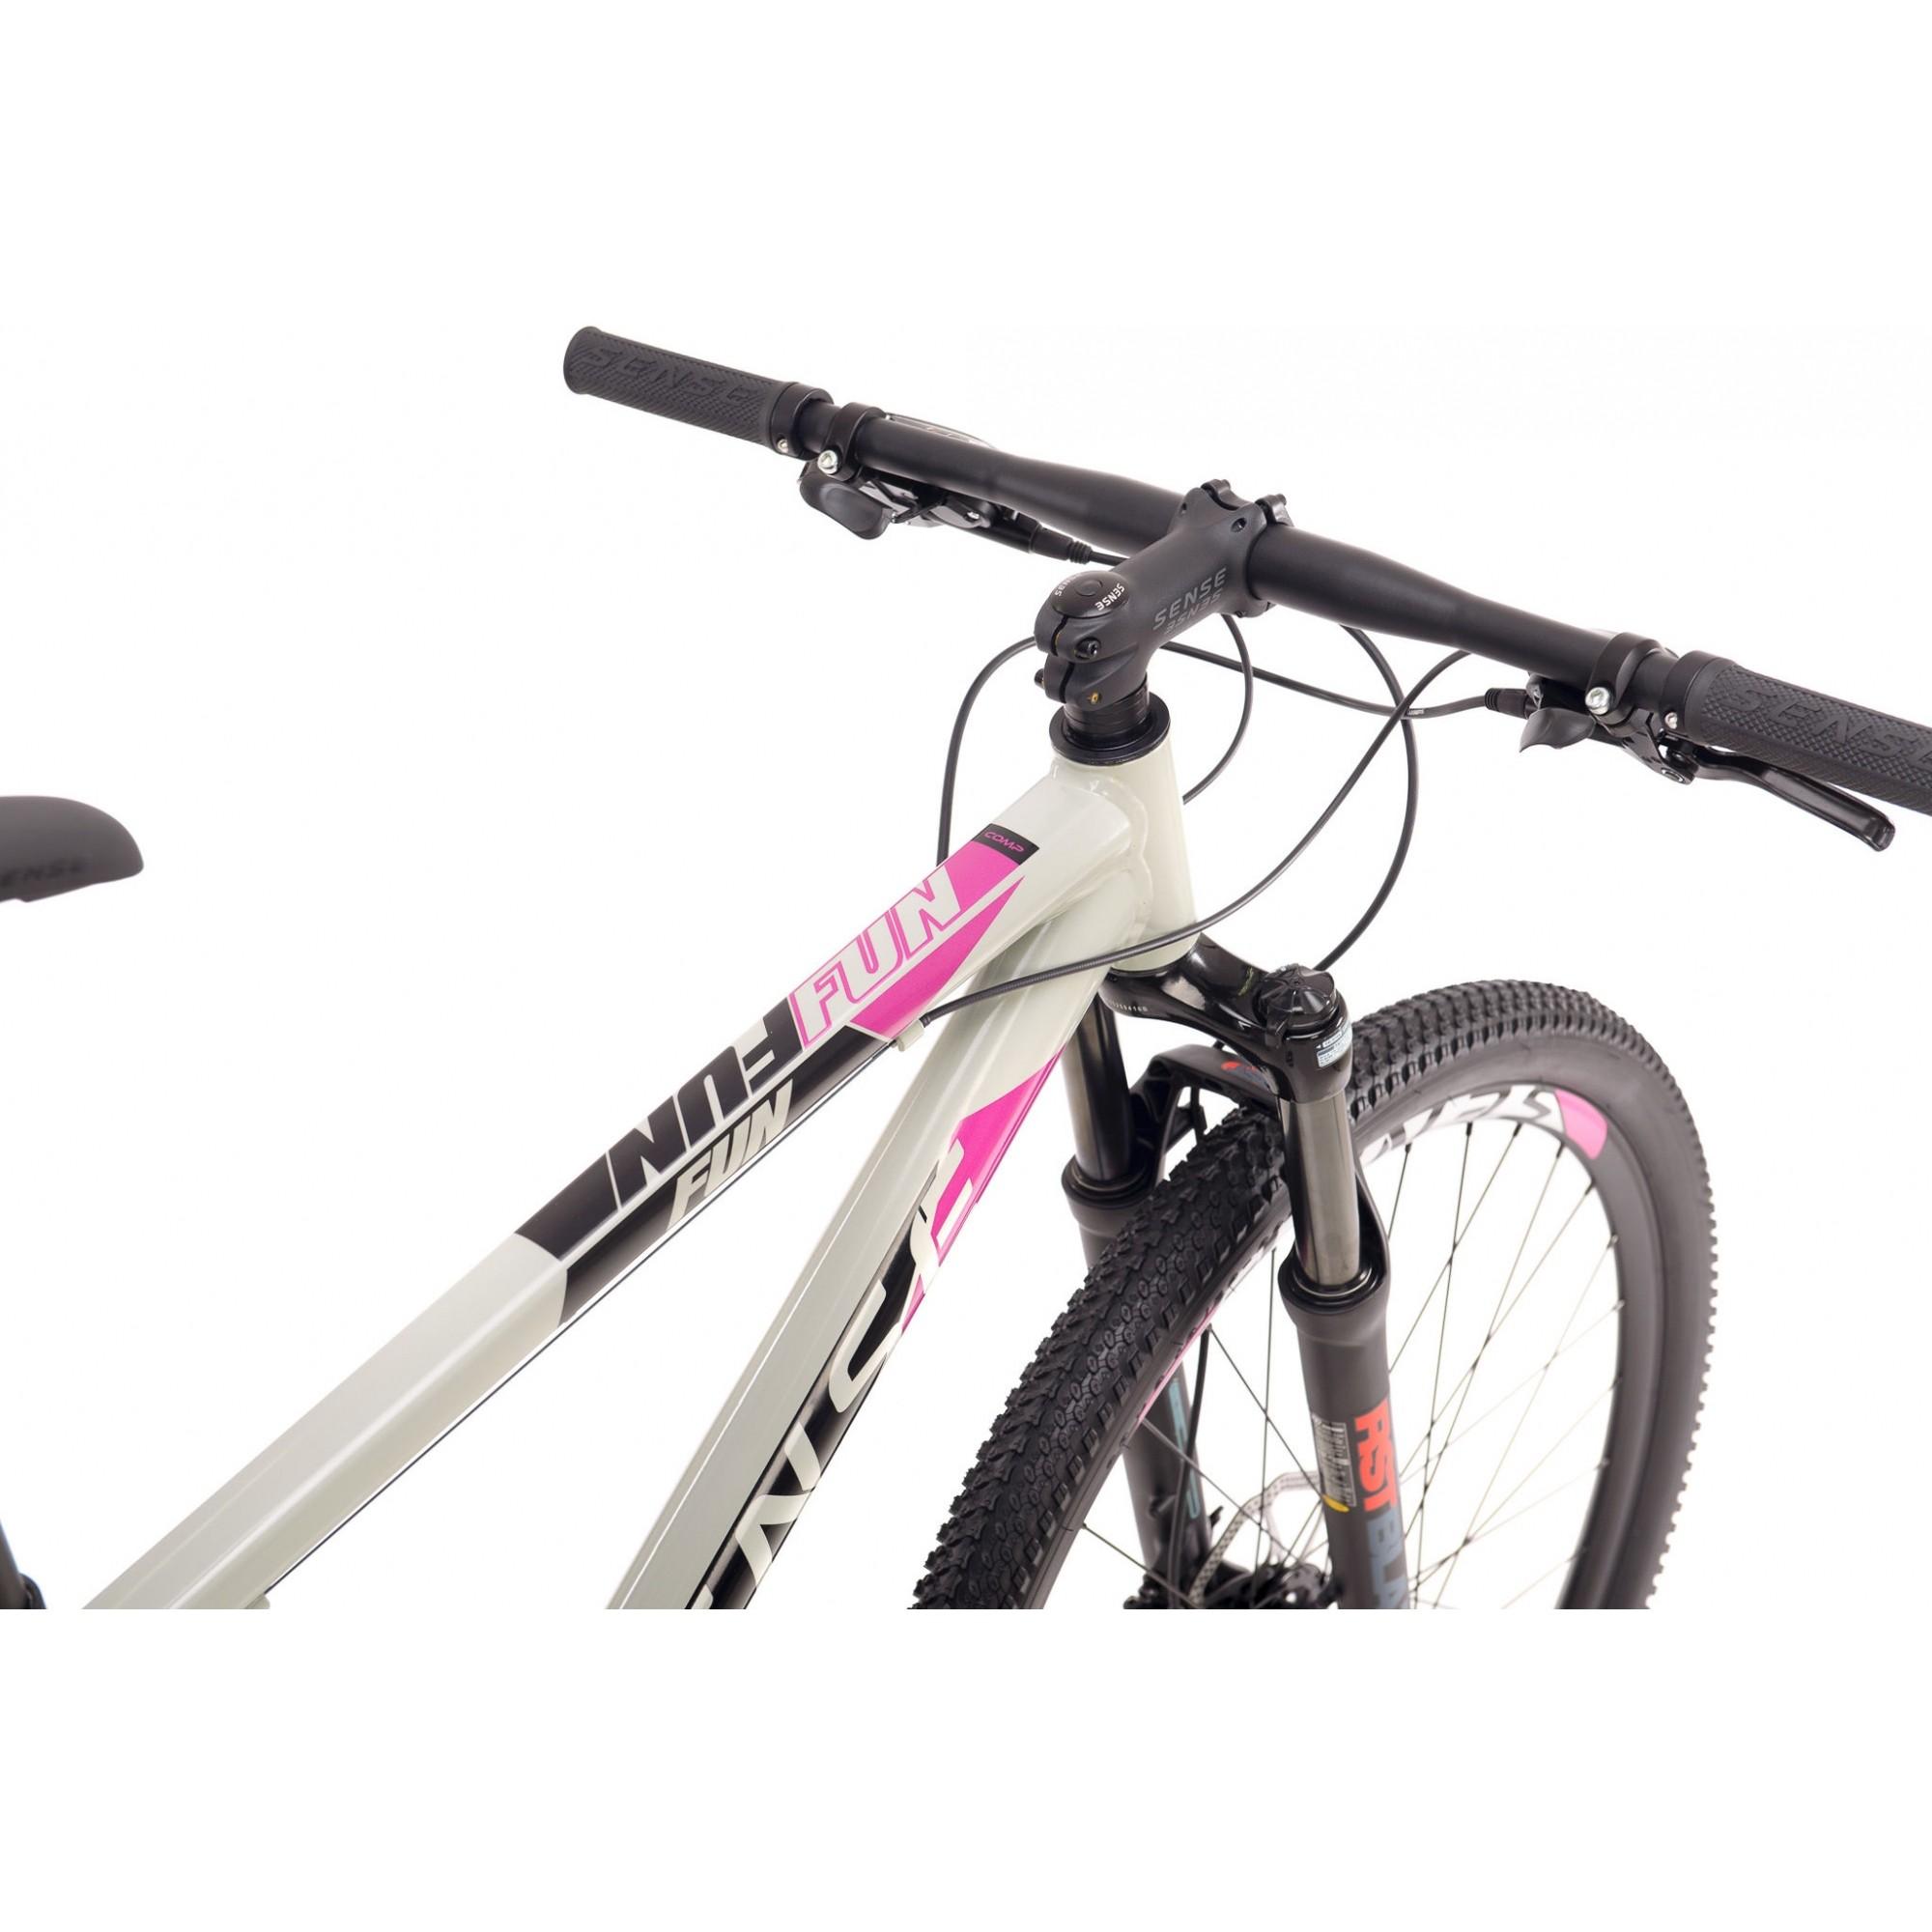 Bicicleta SENSE Fun Comp 2021 - 16v Shimano Altus / Tourney - Freio Shimano Hidráulico - Suspensão RST Gila - Cinza/Roxo